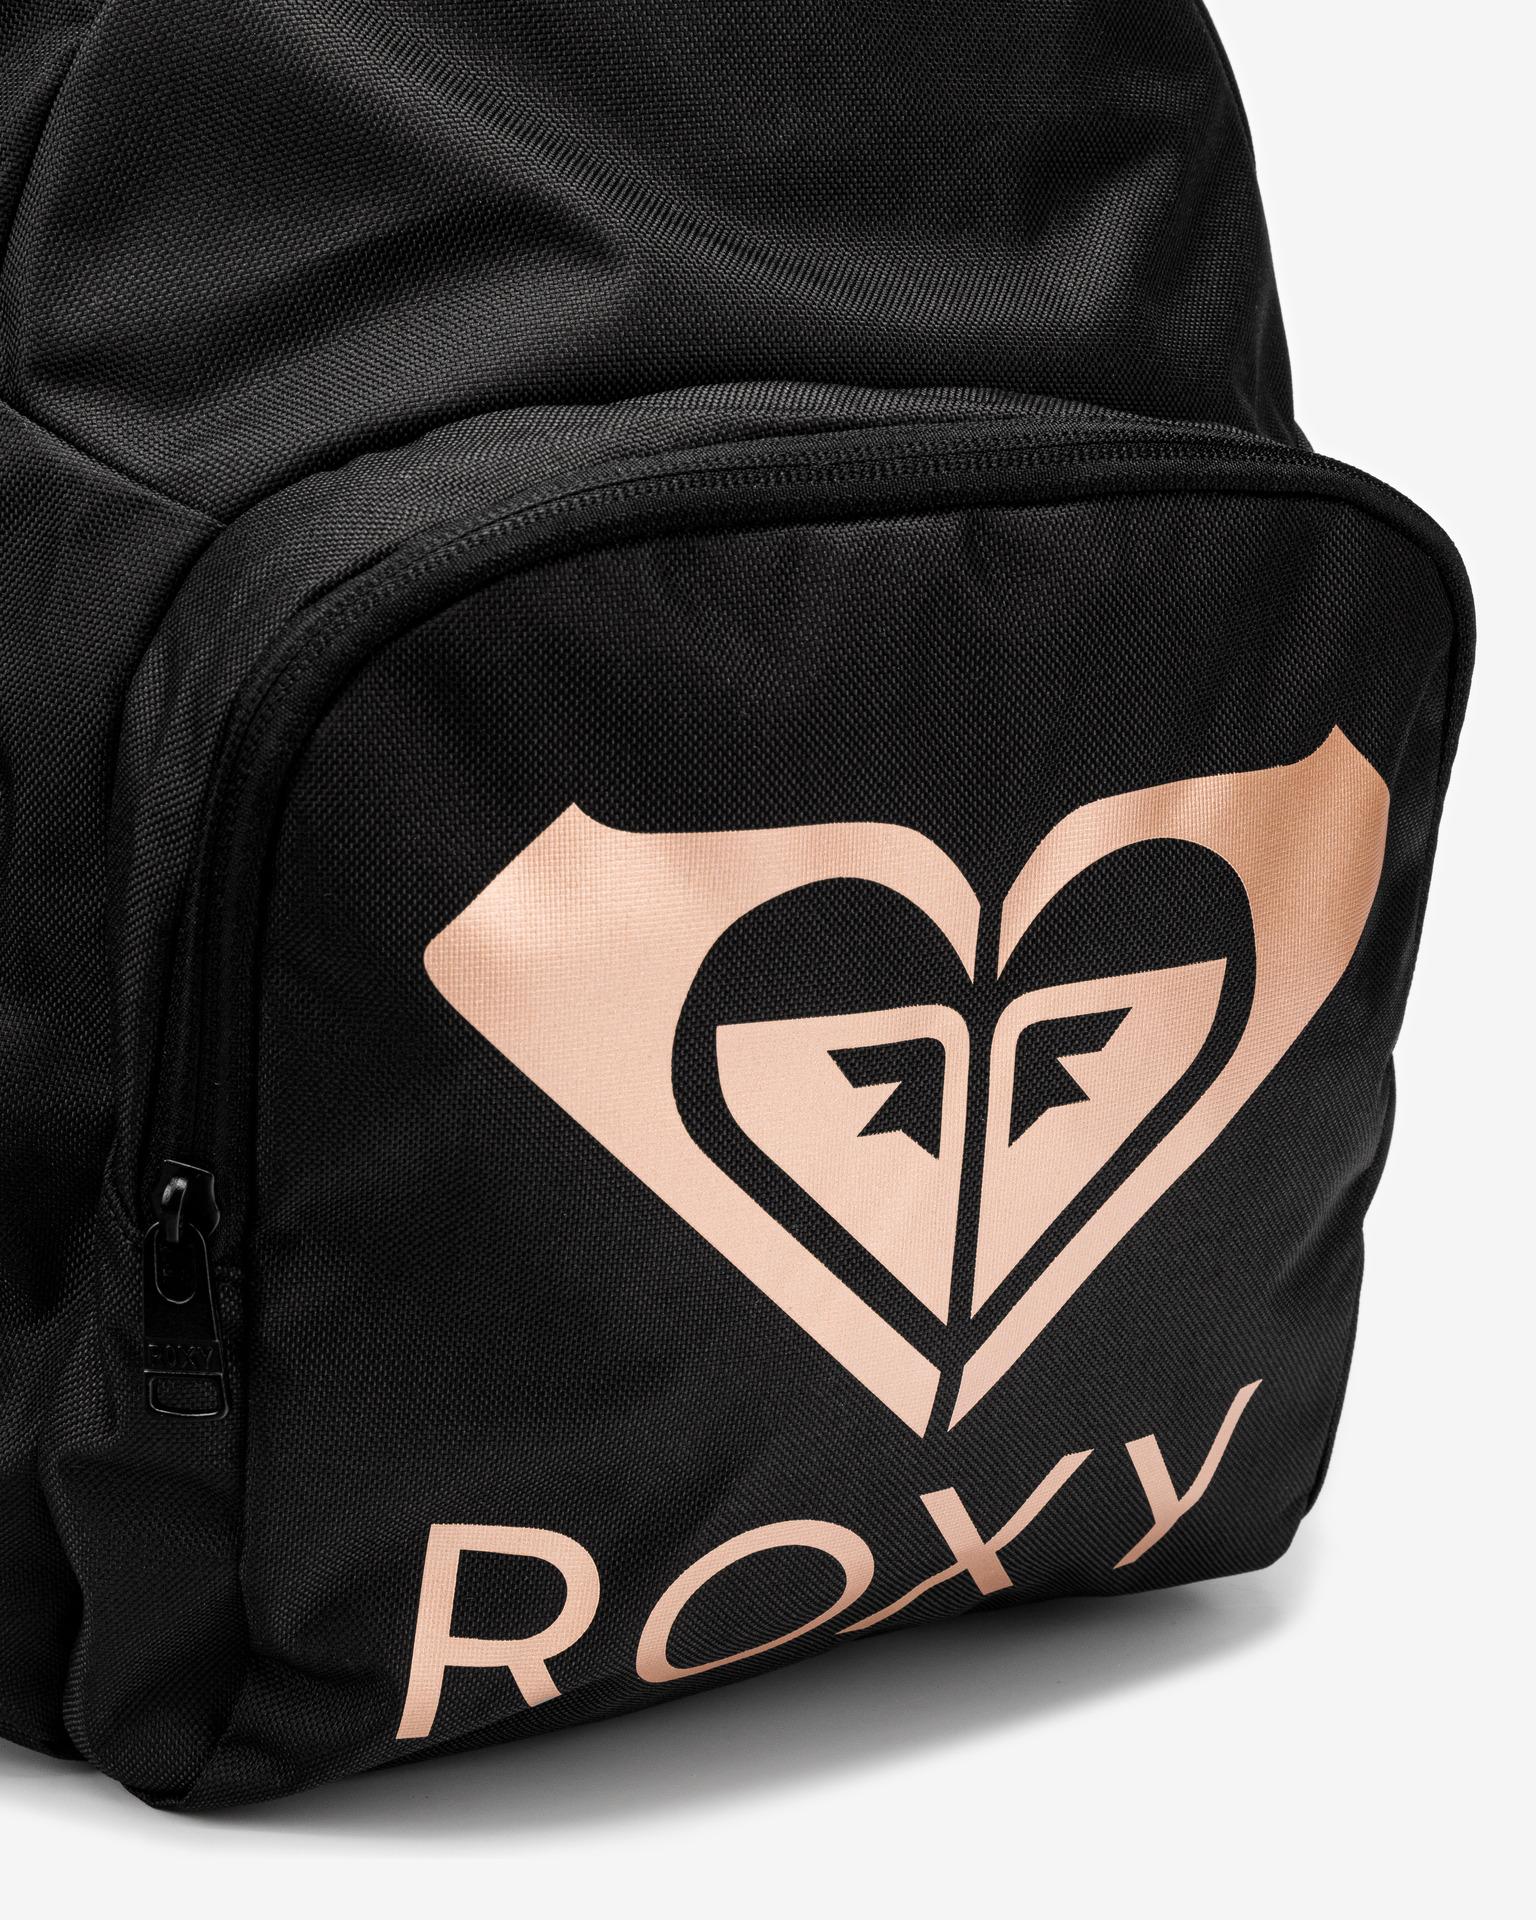 Roxy Zaino donna nero  Swell